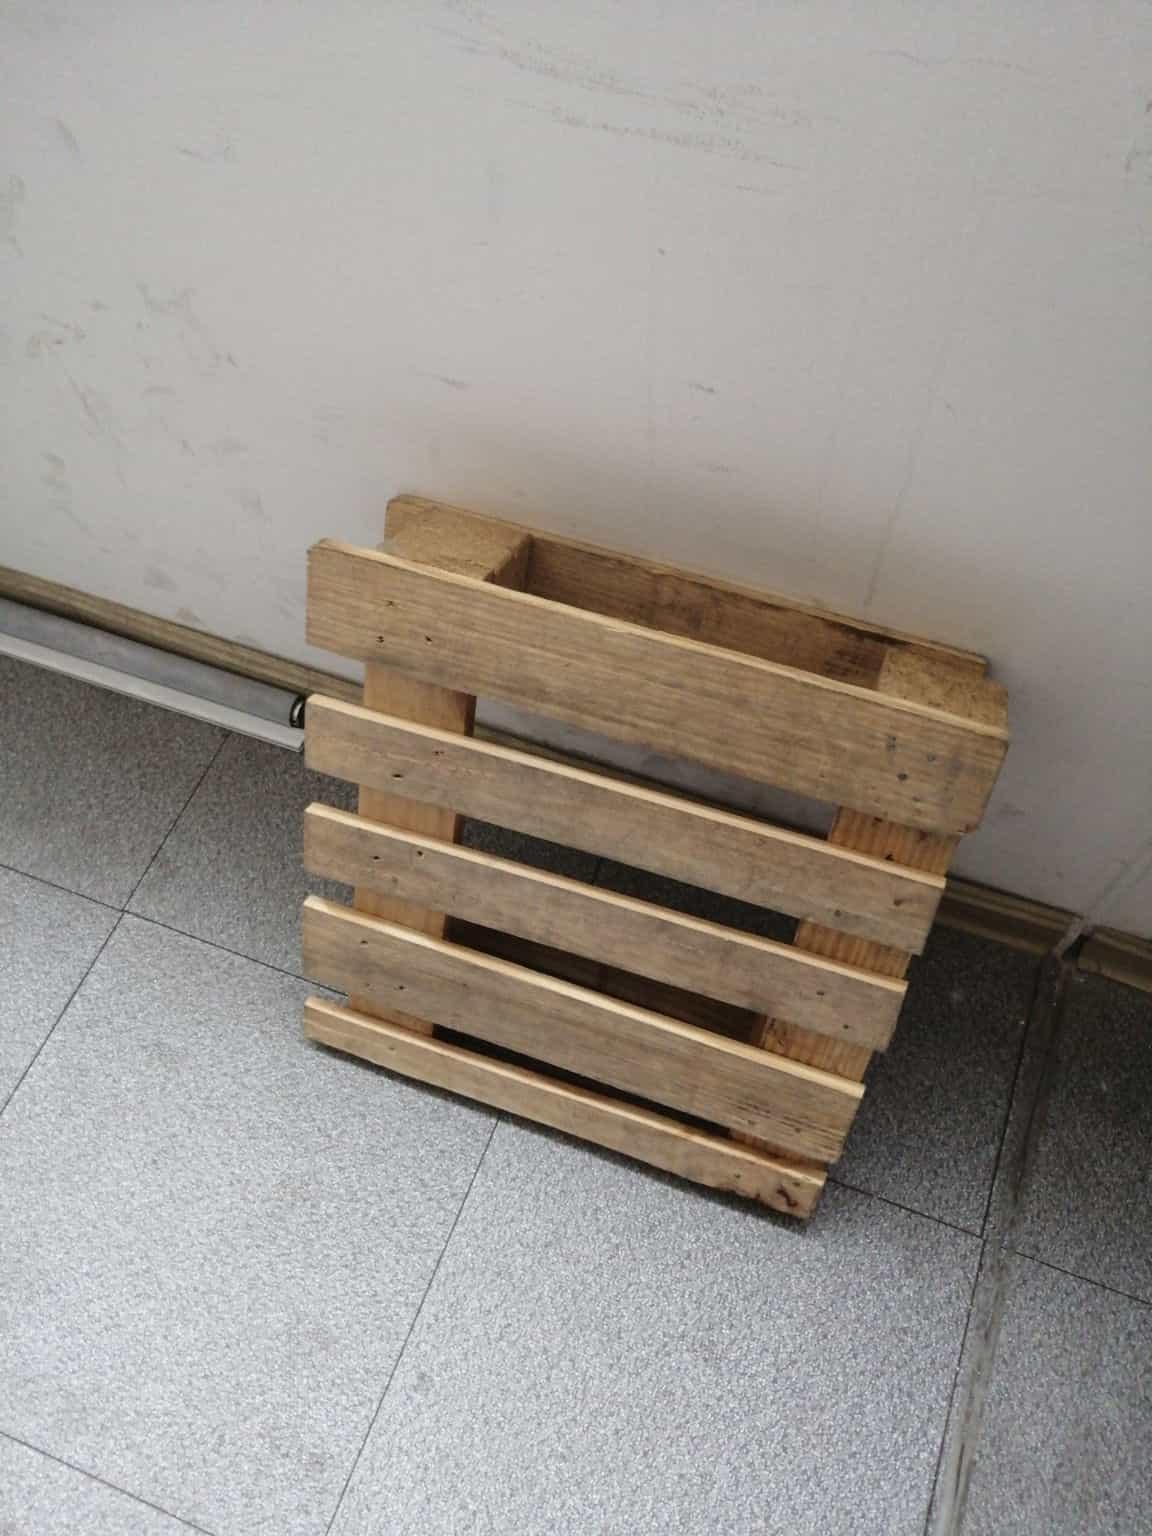 ?,Ⅴ﹀㍩?头古代实木托盘 - 批发厂家